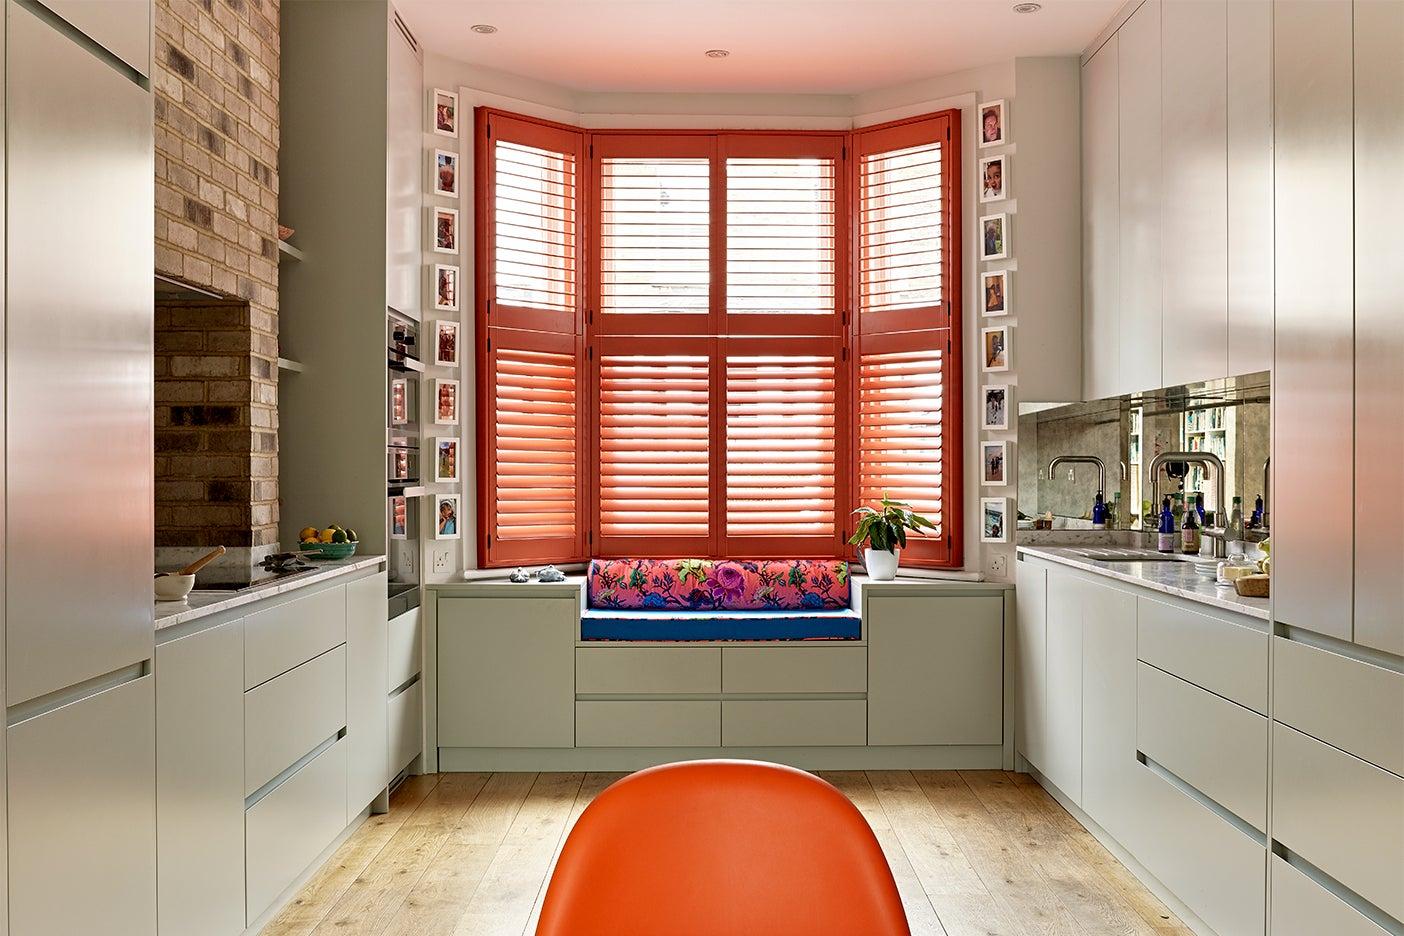 Kitchen window seat with orange shutters